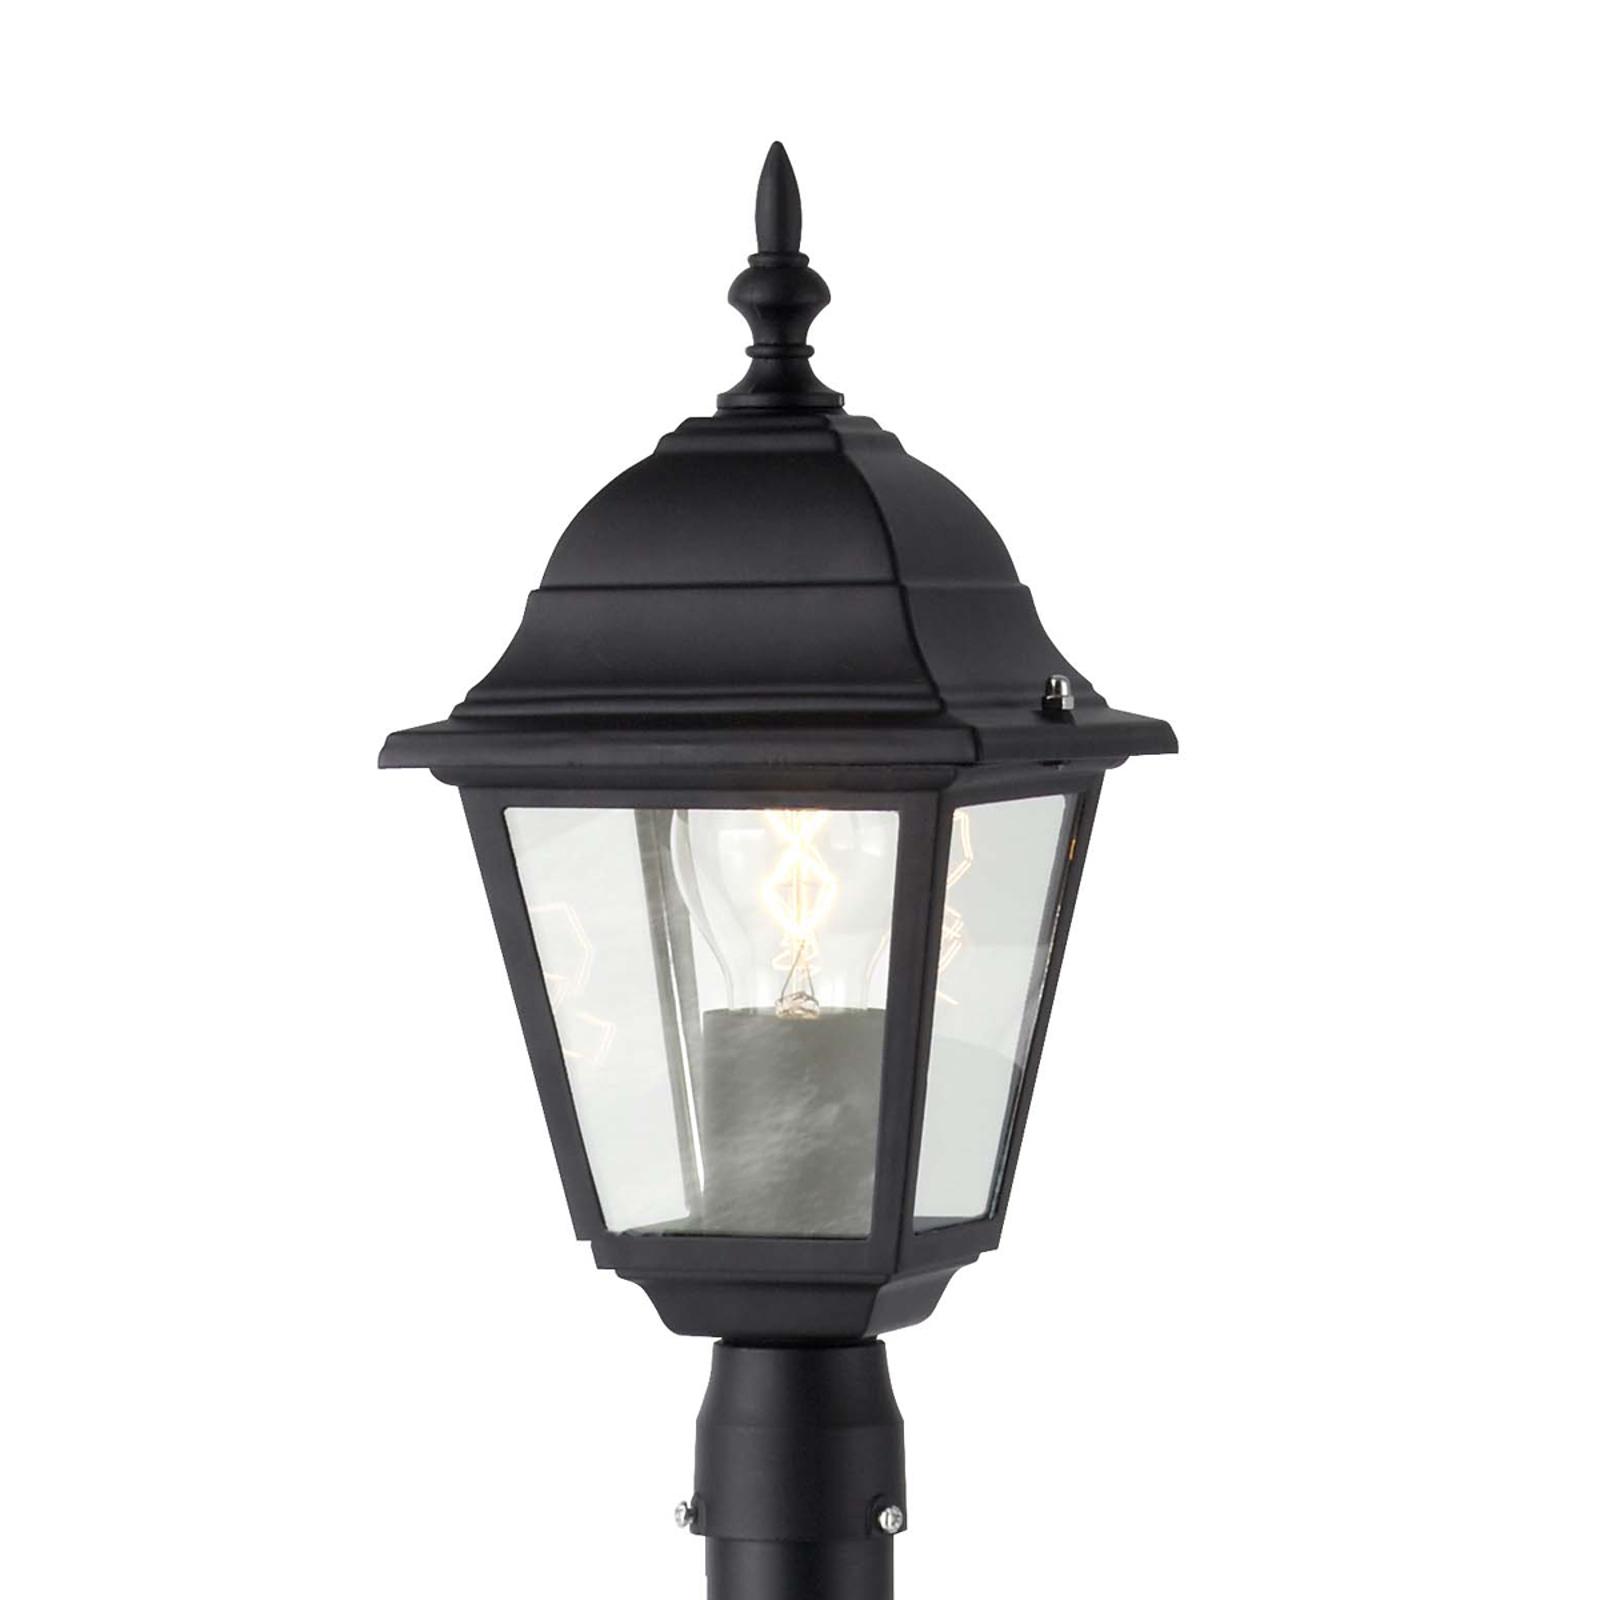 Słupek oświetleniowy Newport